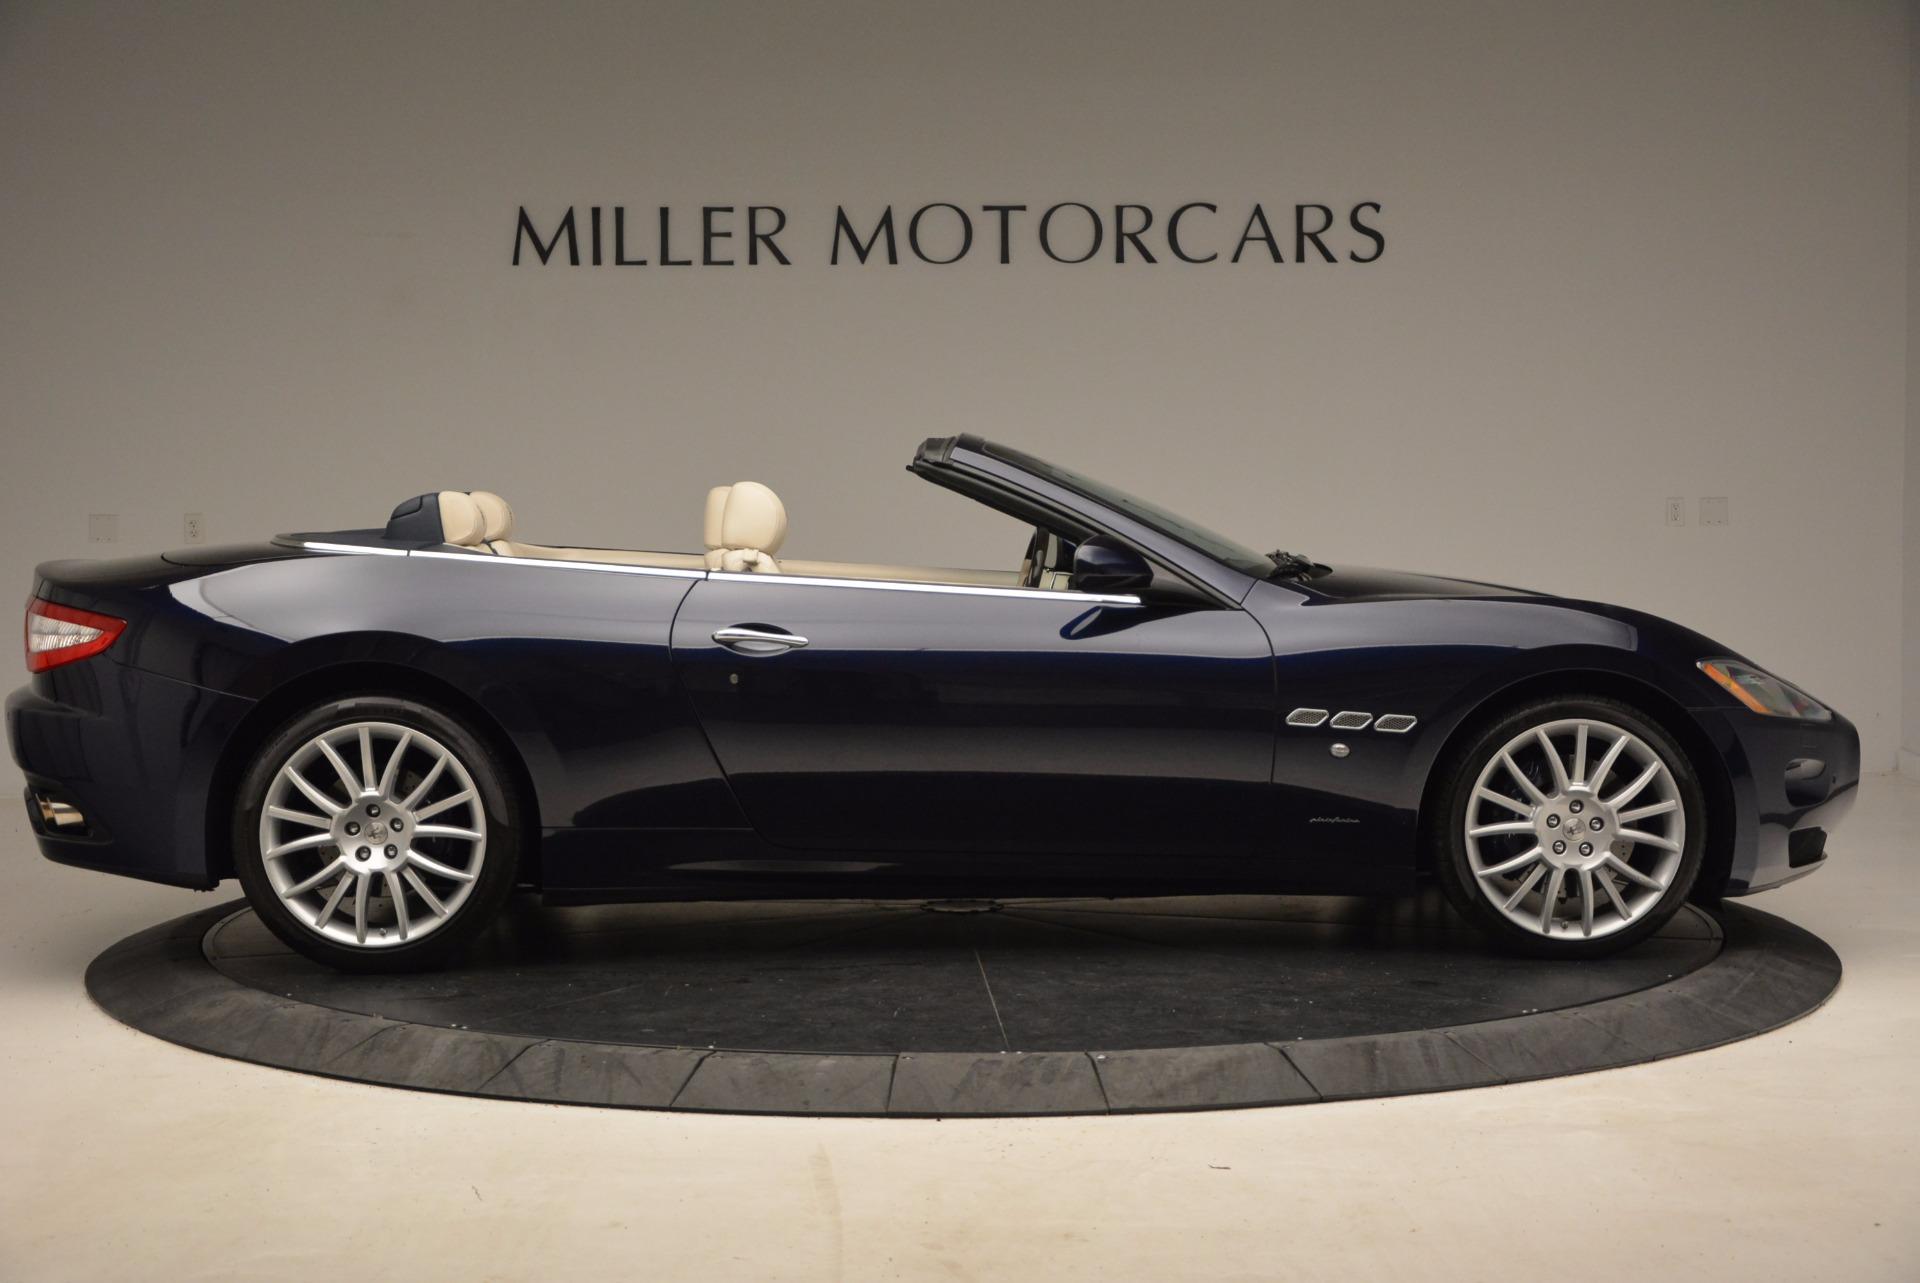 Used 2016 Maserati GranTurismo  For Sale In Greenwich, CT 1499_p8